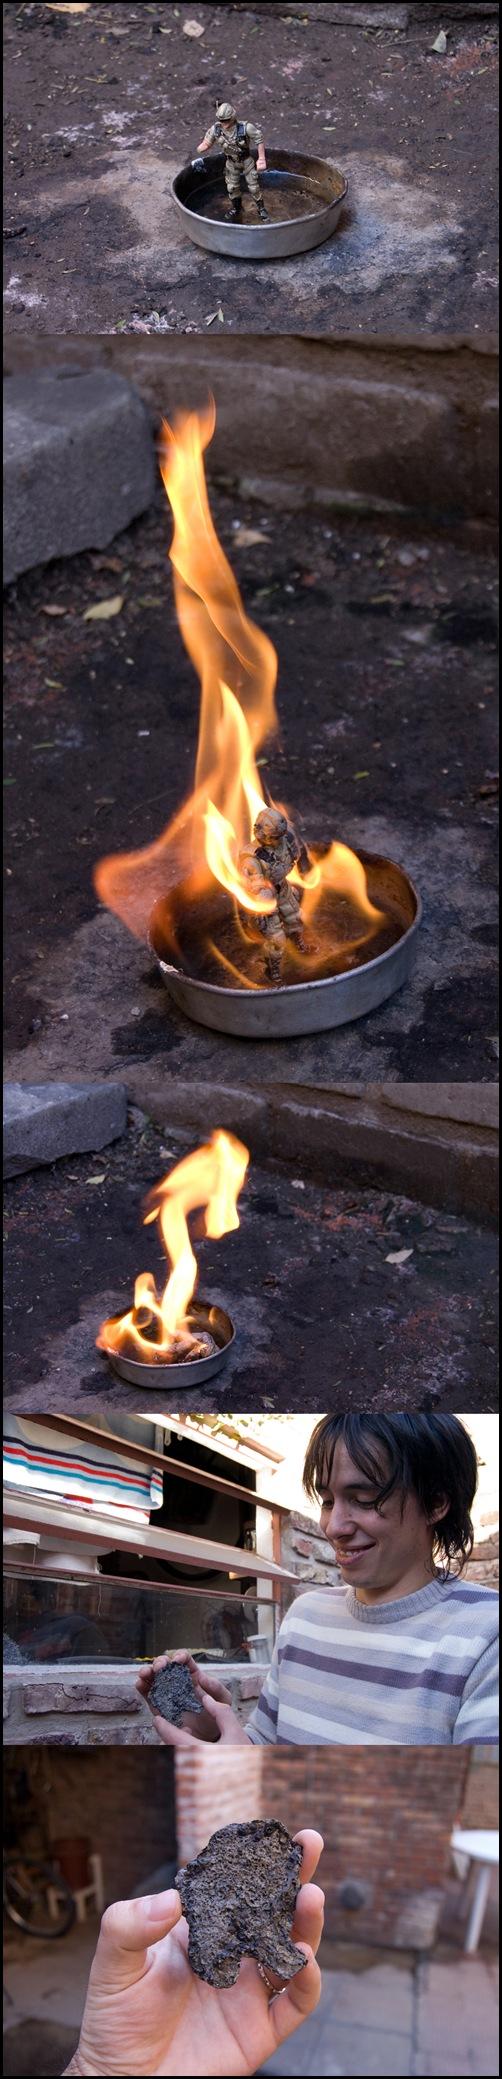 Con Marquitos prendiendo fuego cosas